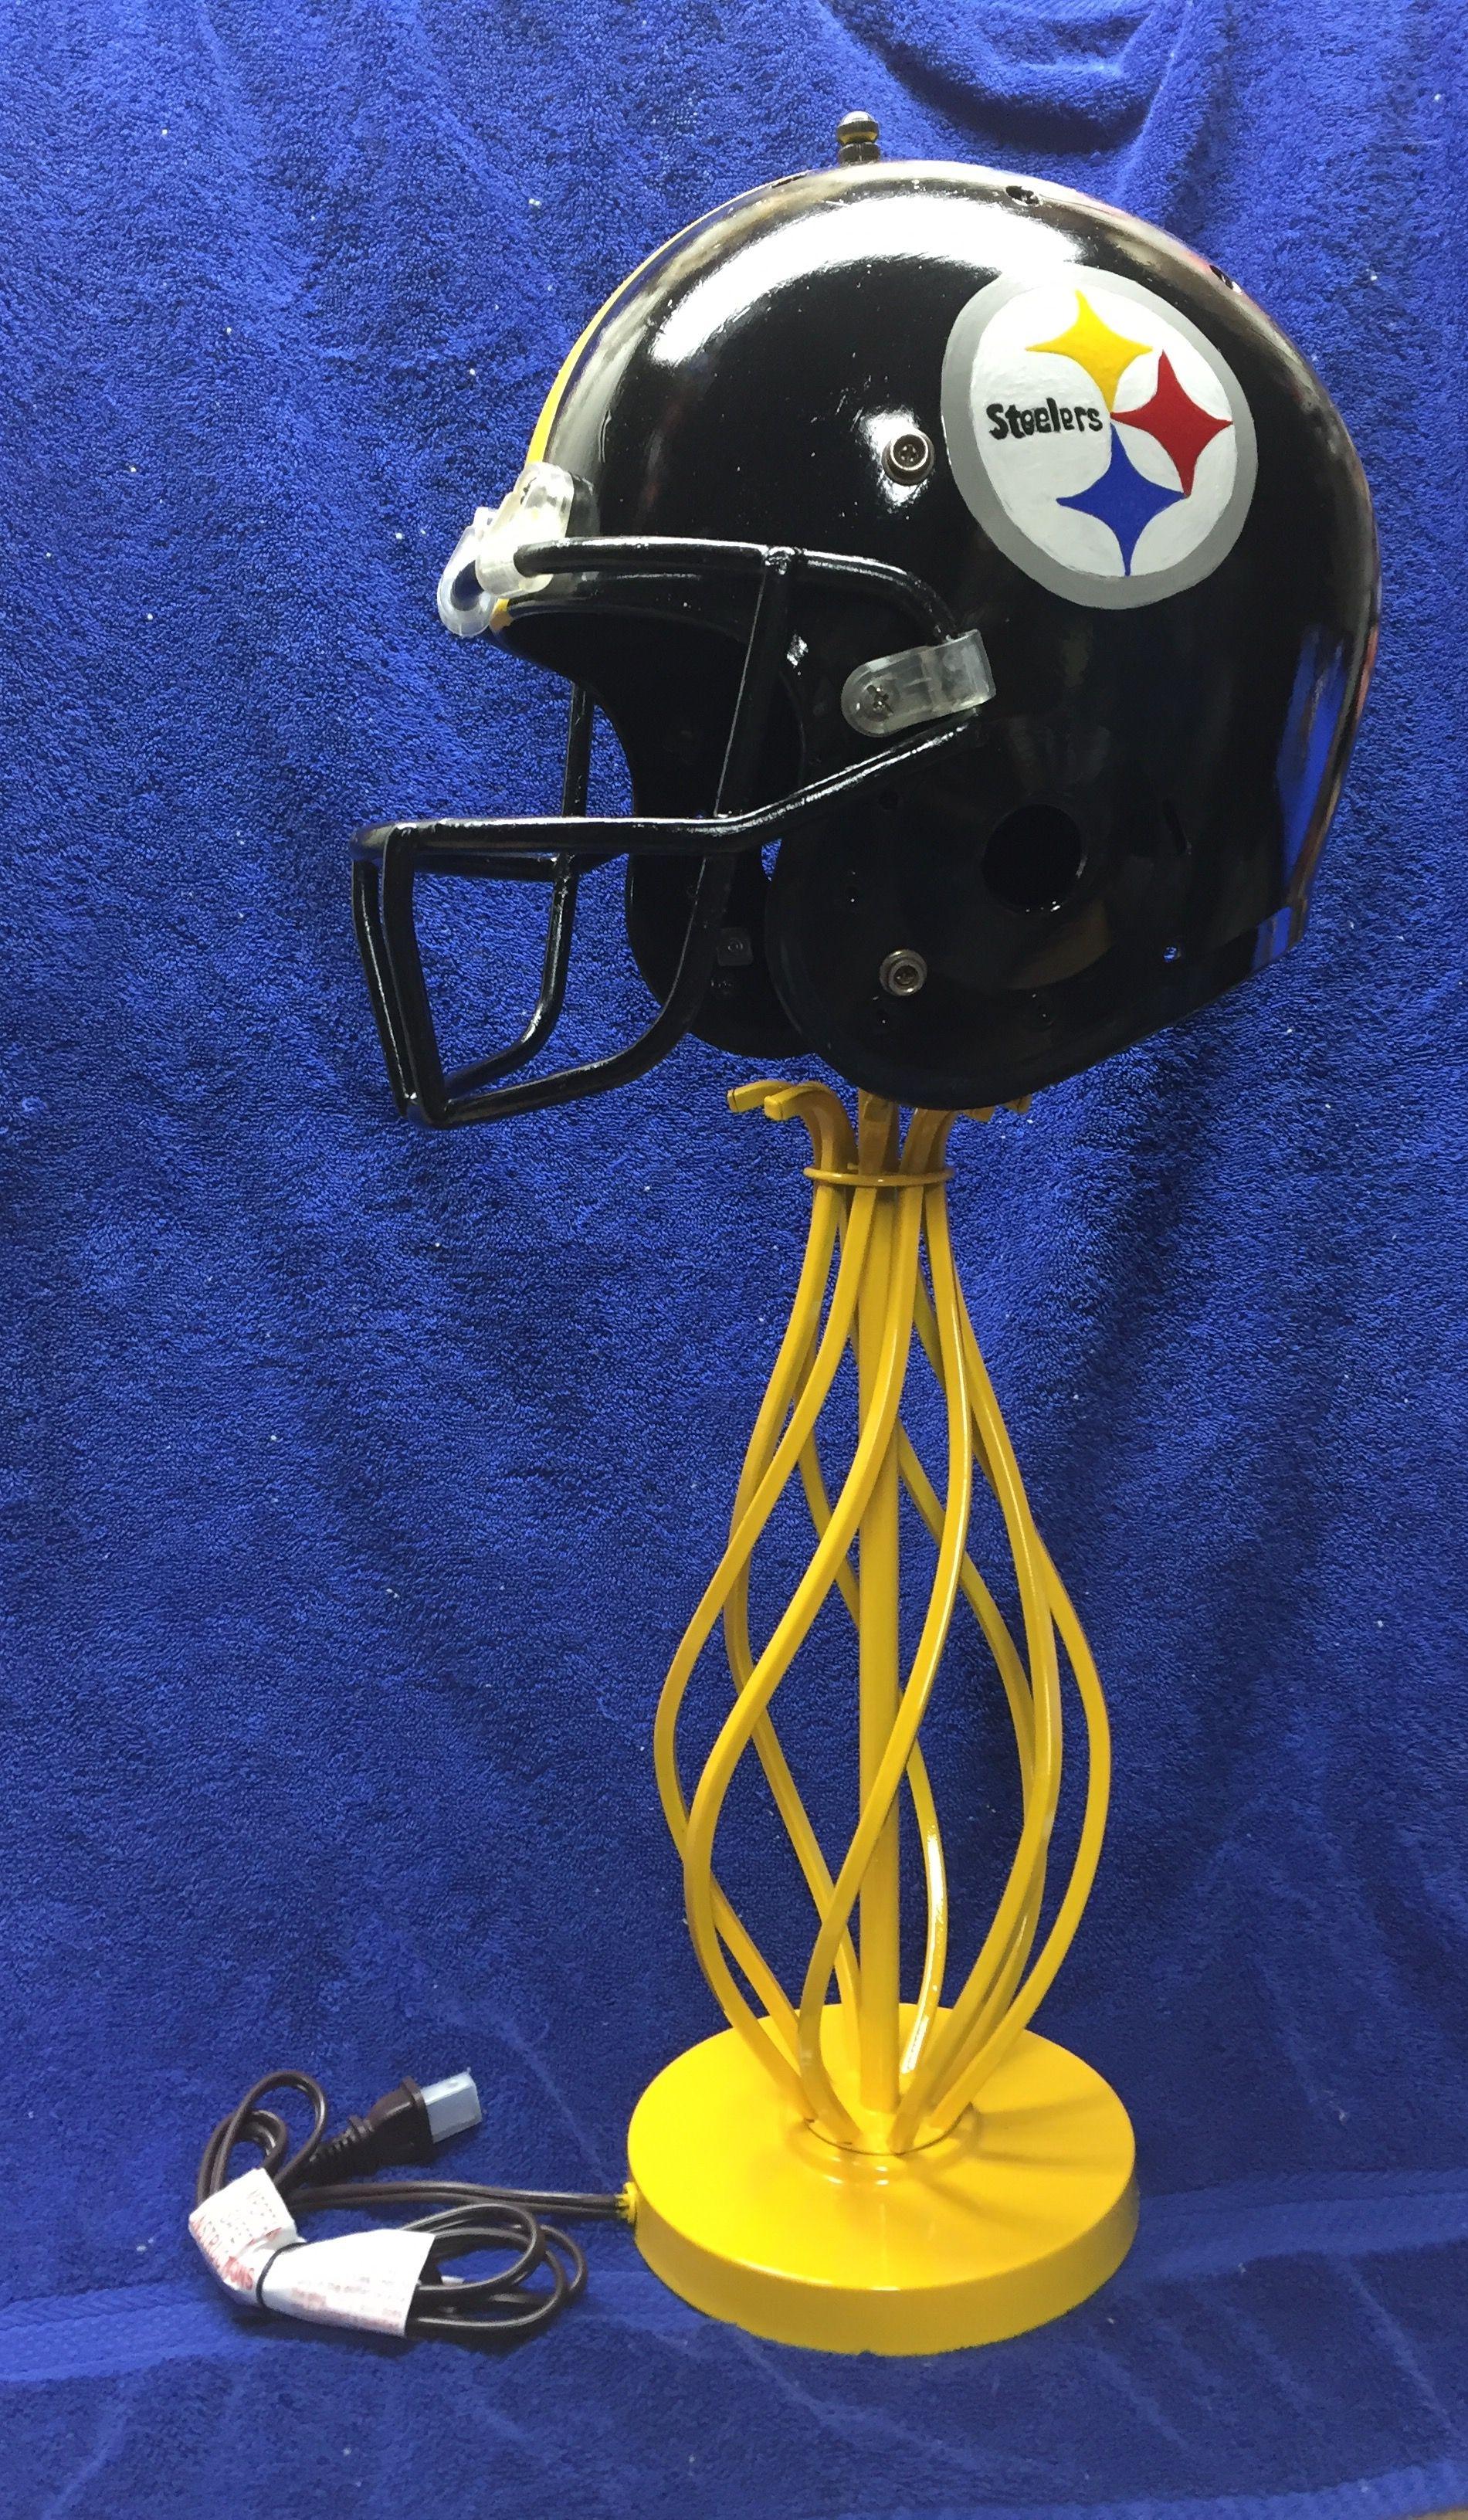 71bdeacac96 DIY STEELERS HELMET LAMP   SHERI DIY LAMPS   Steelers helmet ...